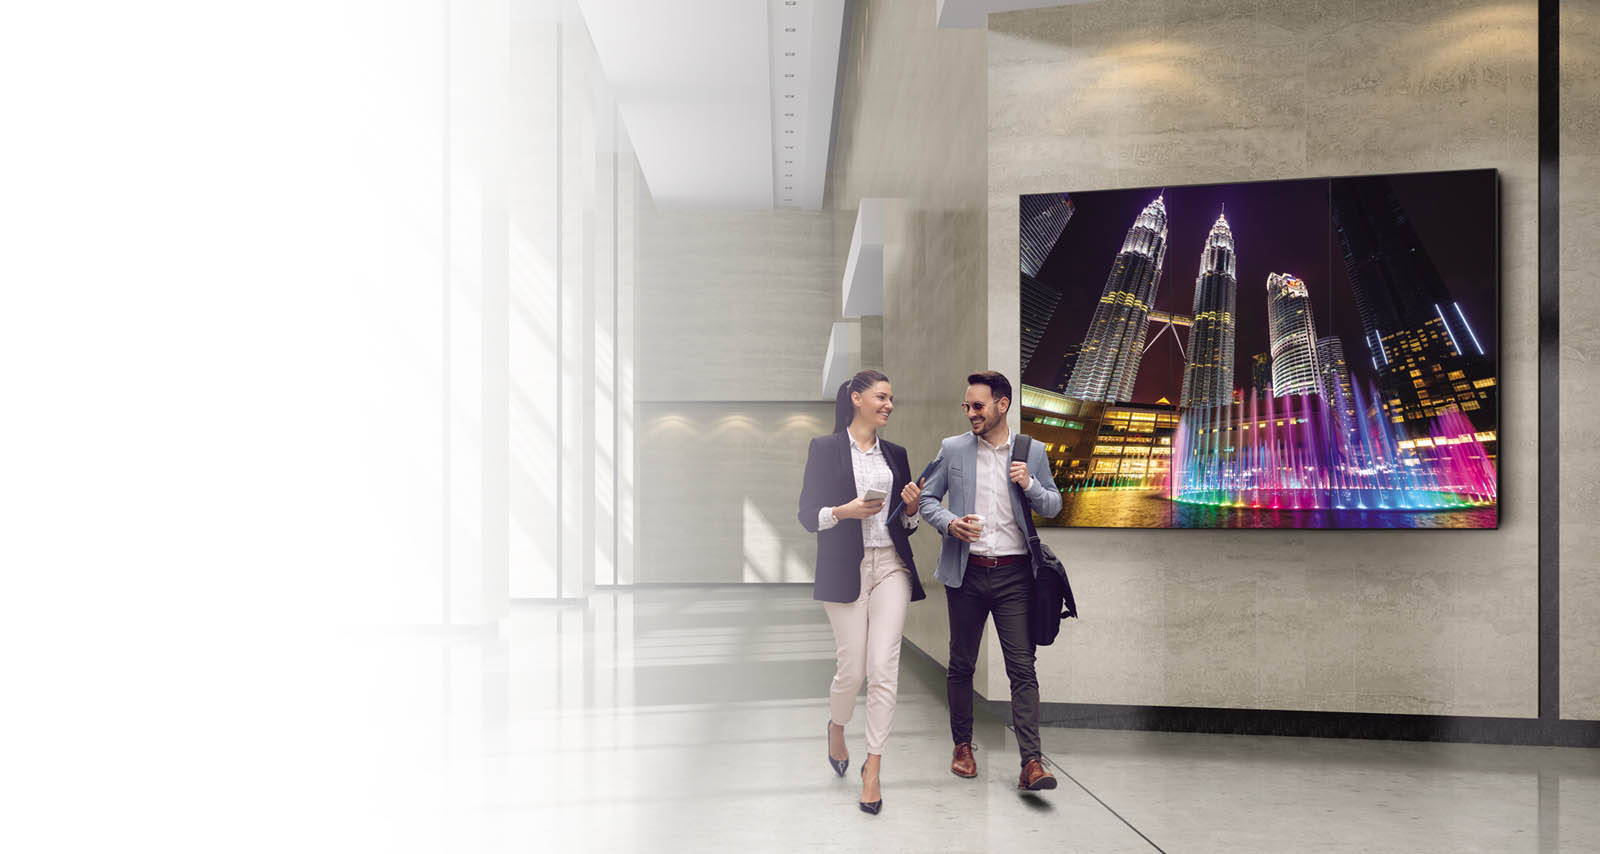 Partenaires VIDELIO x LG Mur d'images technologie OLED